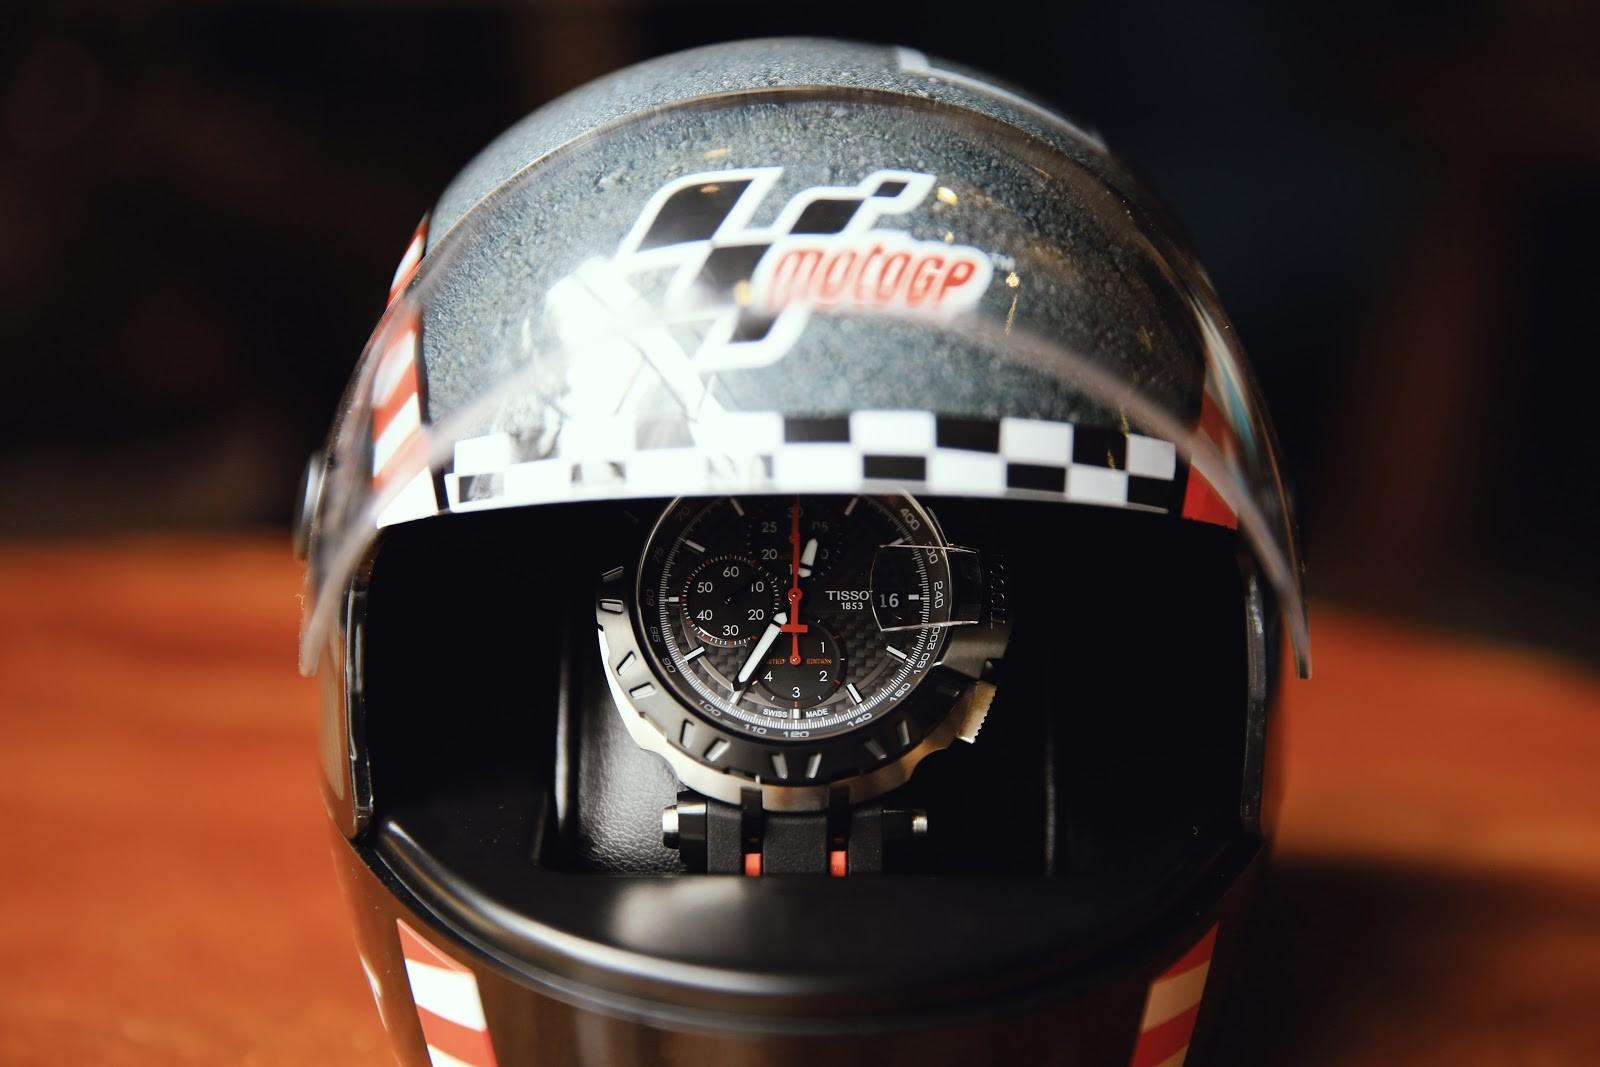 T - race